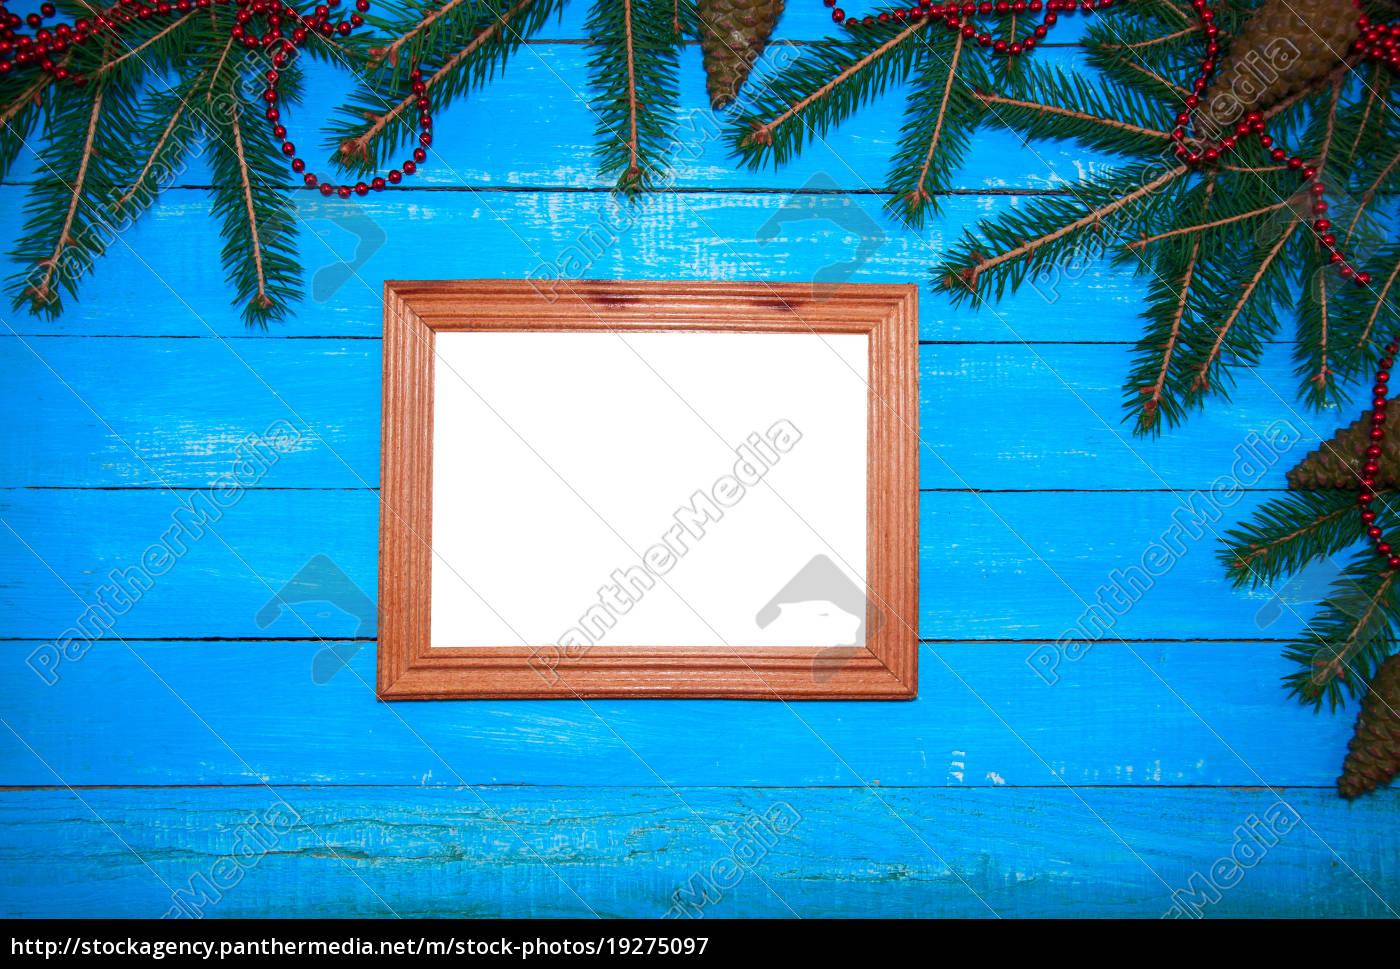 hölzerner fotorahmen auf einem blauen hölzernen - Lizenzfreies Bild ...